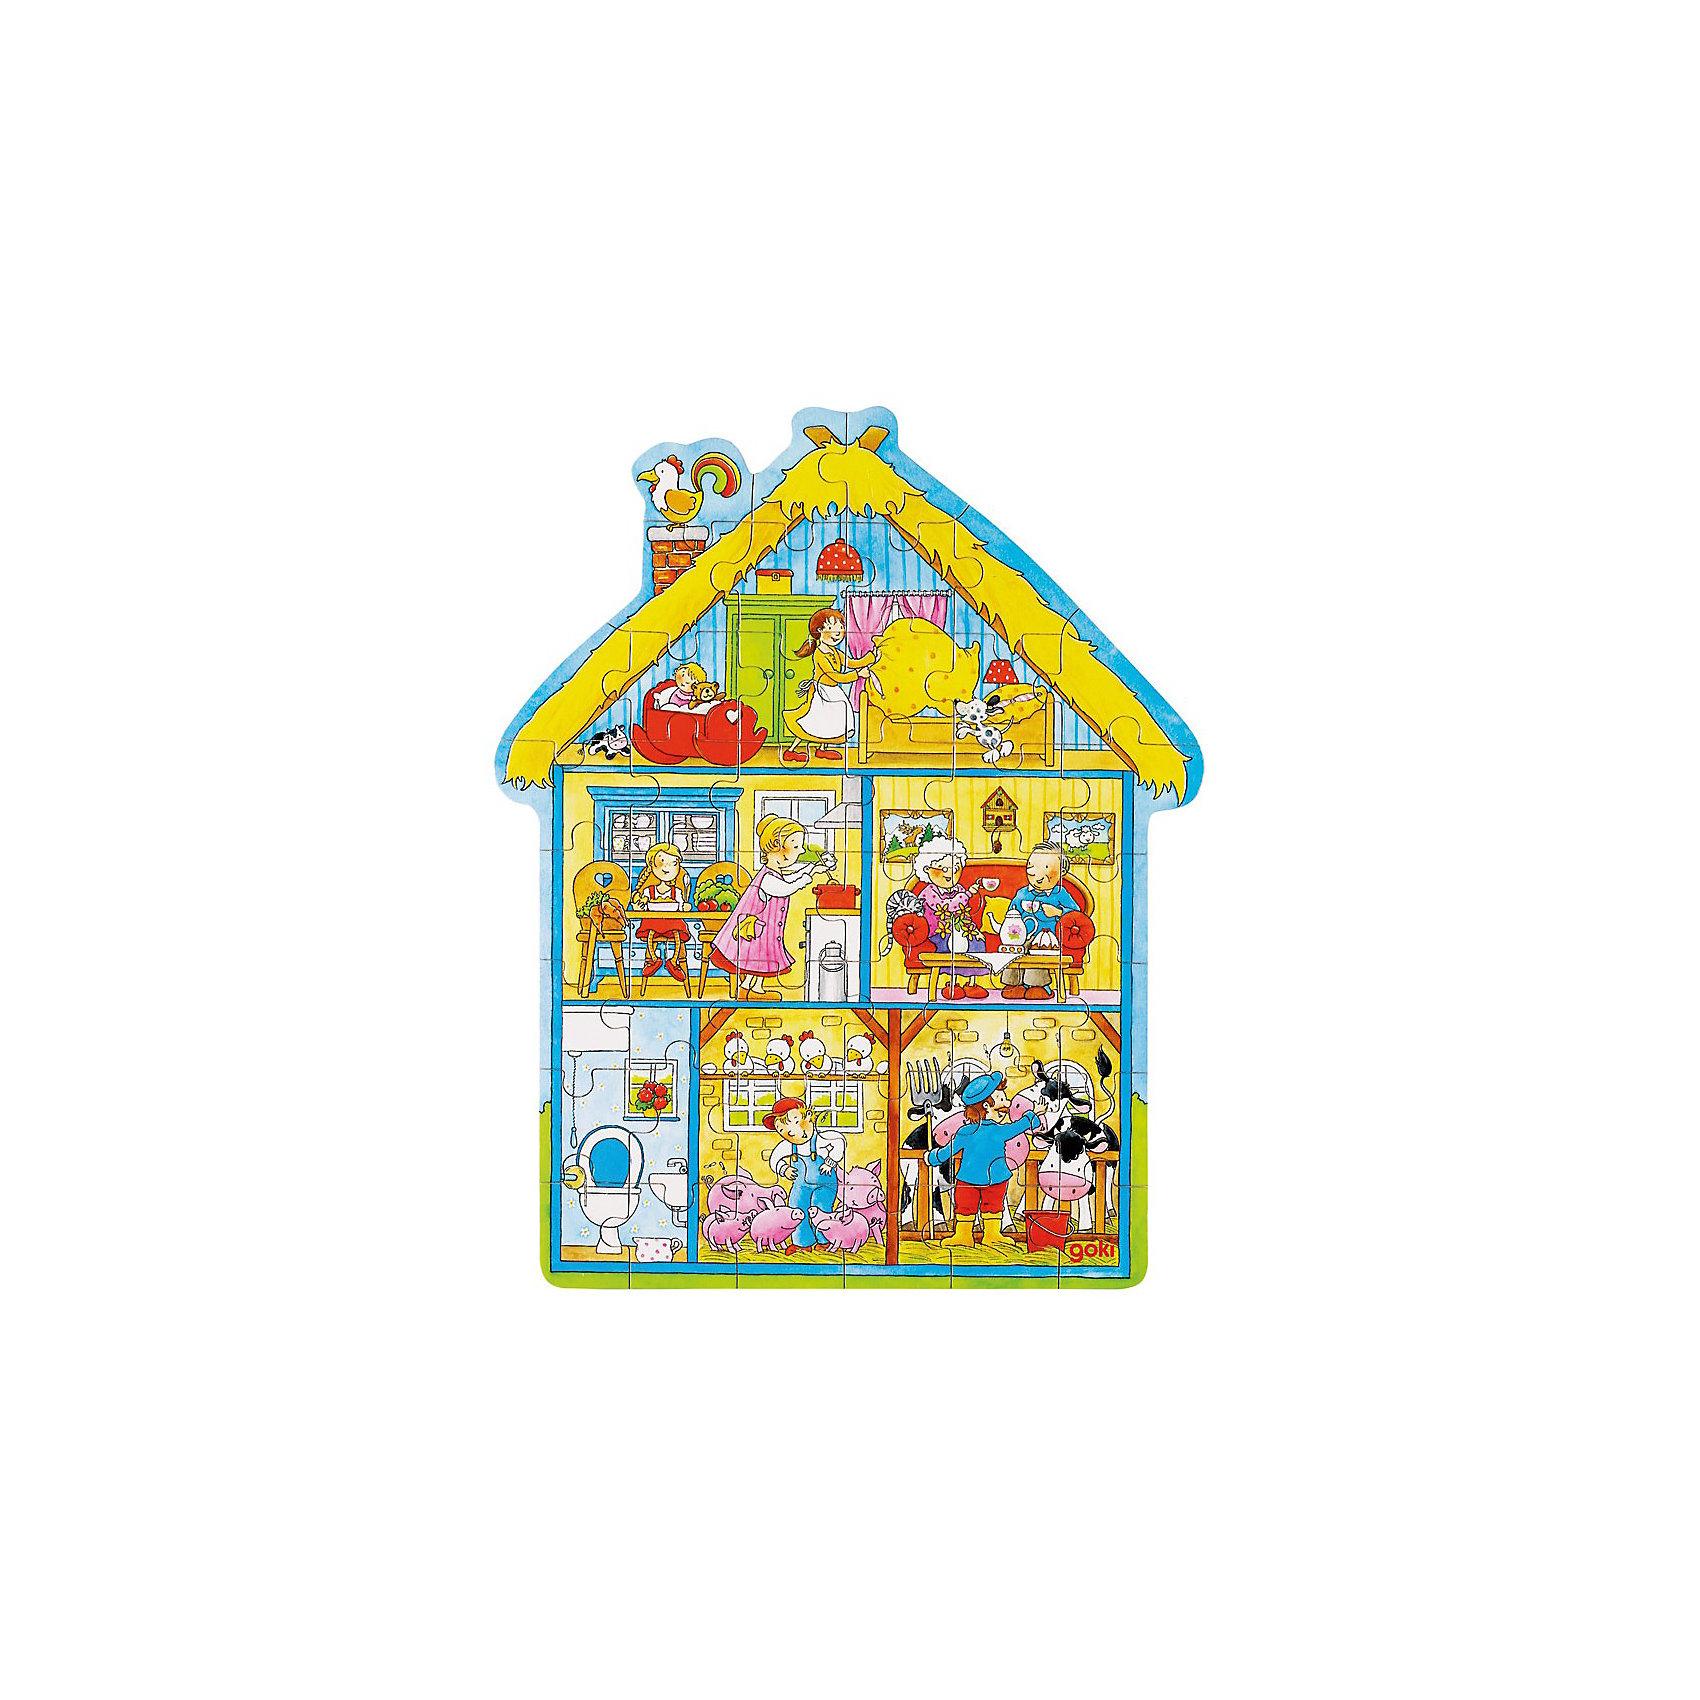 Пазл в коробке фигурный 43 дет Дом, GOKIПазл в коробке фигурный 43 дет Дом, GOKI (Гоки)-это интересный и красивый классический пазл из натурального дерева.<br><br>Пазл состоит из 43 частей. Ребенок сможет познакомиться с обитателями дома и придумывать про них веселые истории. Дом, в котором есть все, и в котором рады каждому!<br><br>Дополнительная информация:<br><br>-Материалы: дерево<br>-Размер: 30х37 см<br><br>Отличный подарок, развивающий мелкую моторику ребенка, речь, любознательность и логику. Пазл не только интересно собирать, благодаря деревянной рамке он украсит стену в детской комнате.<br><br>Пазл в коробке фигурный 43 дет Дом, GOKI (Гоки) можно купить в нашем магазине.<br><br>Ширина мм: 100<br>Глубина мм: 200<br>Высота мм: 300<br>Вес г: 500<br>Возраст от месяцев: 36<br>Возраст до месяцев: 96<br>Пол: Унисекс<br>Возраст: Детский<br>SKU: 3561257